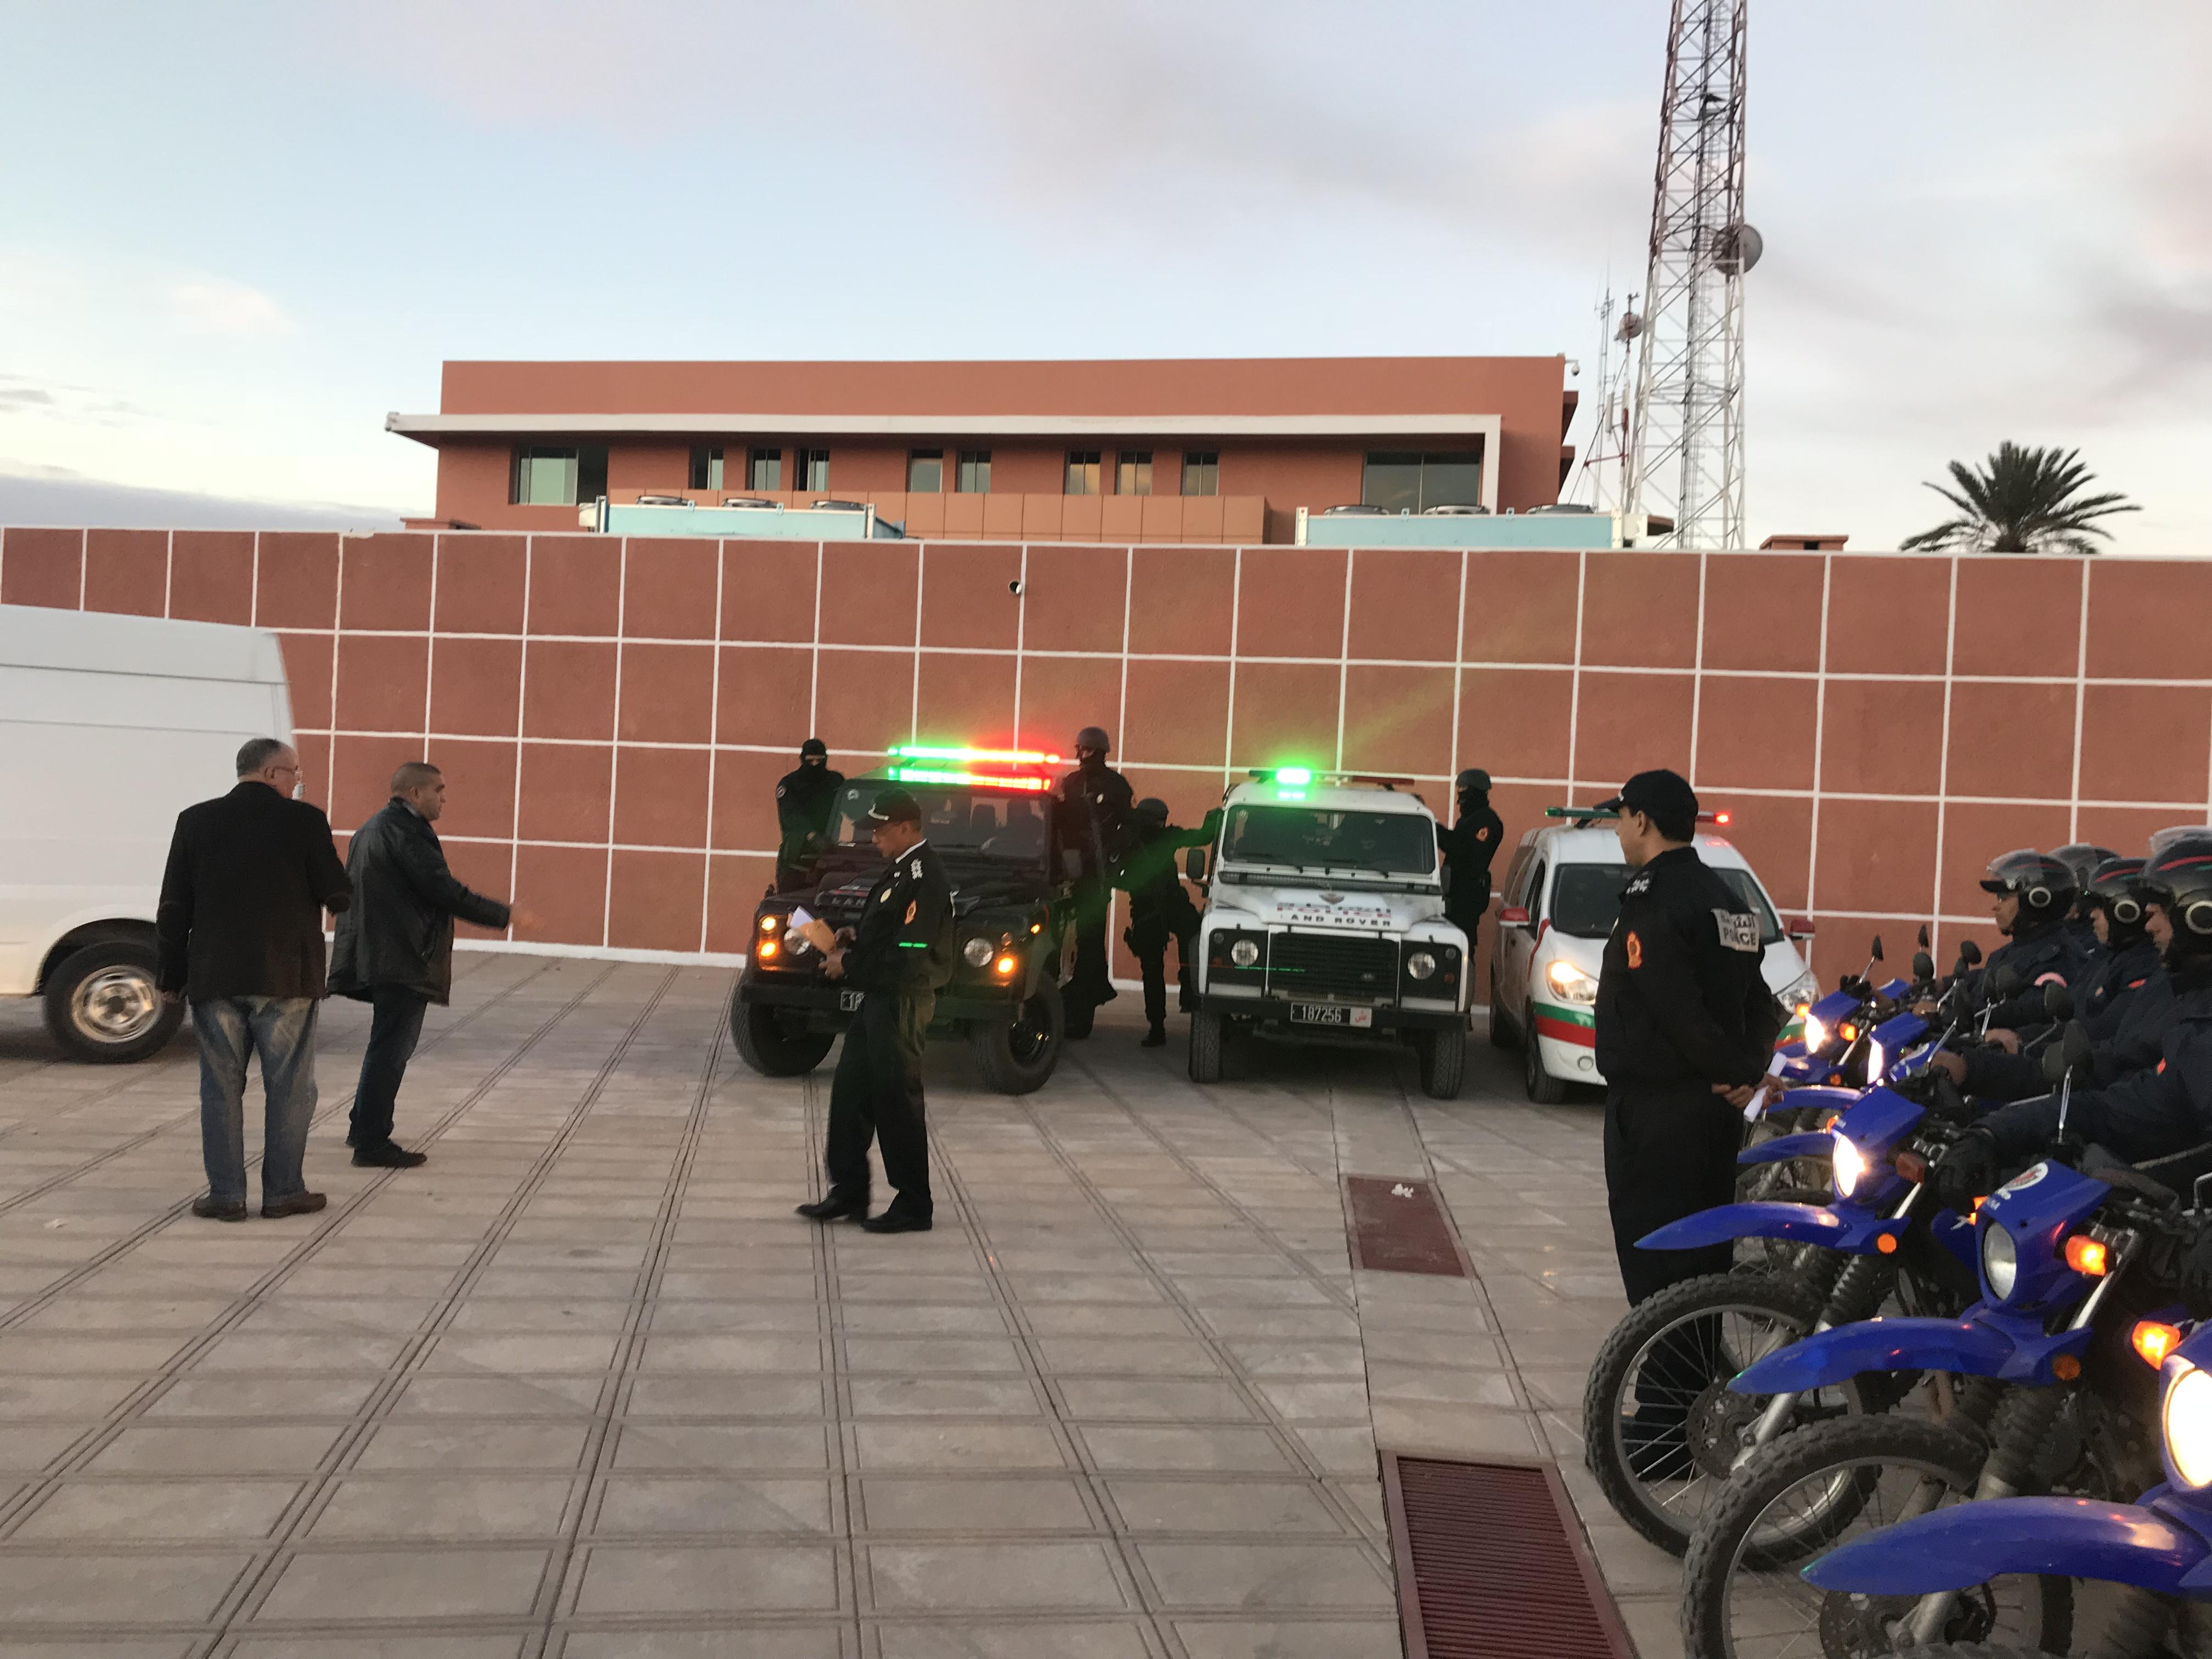 Moroccan Special Forces/Forces spéciales marocaines  :Videos et Photos : BCIJ, Gendarmerie Royale ,  - Page 12 58A8A655-95A9-44A3-83AB-417AC85500C5